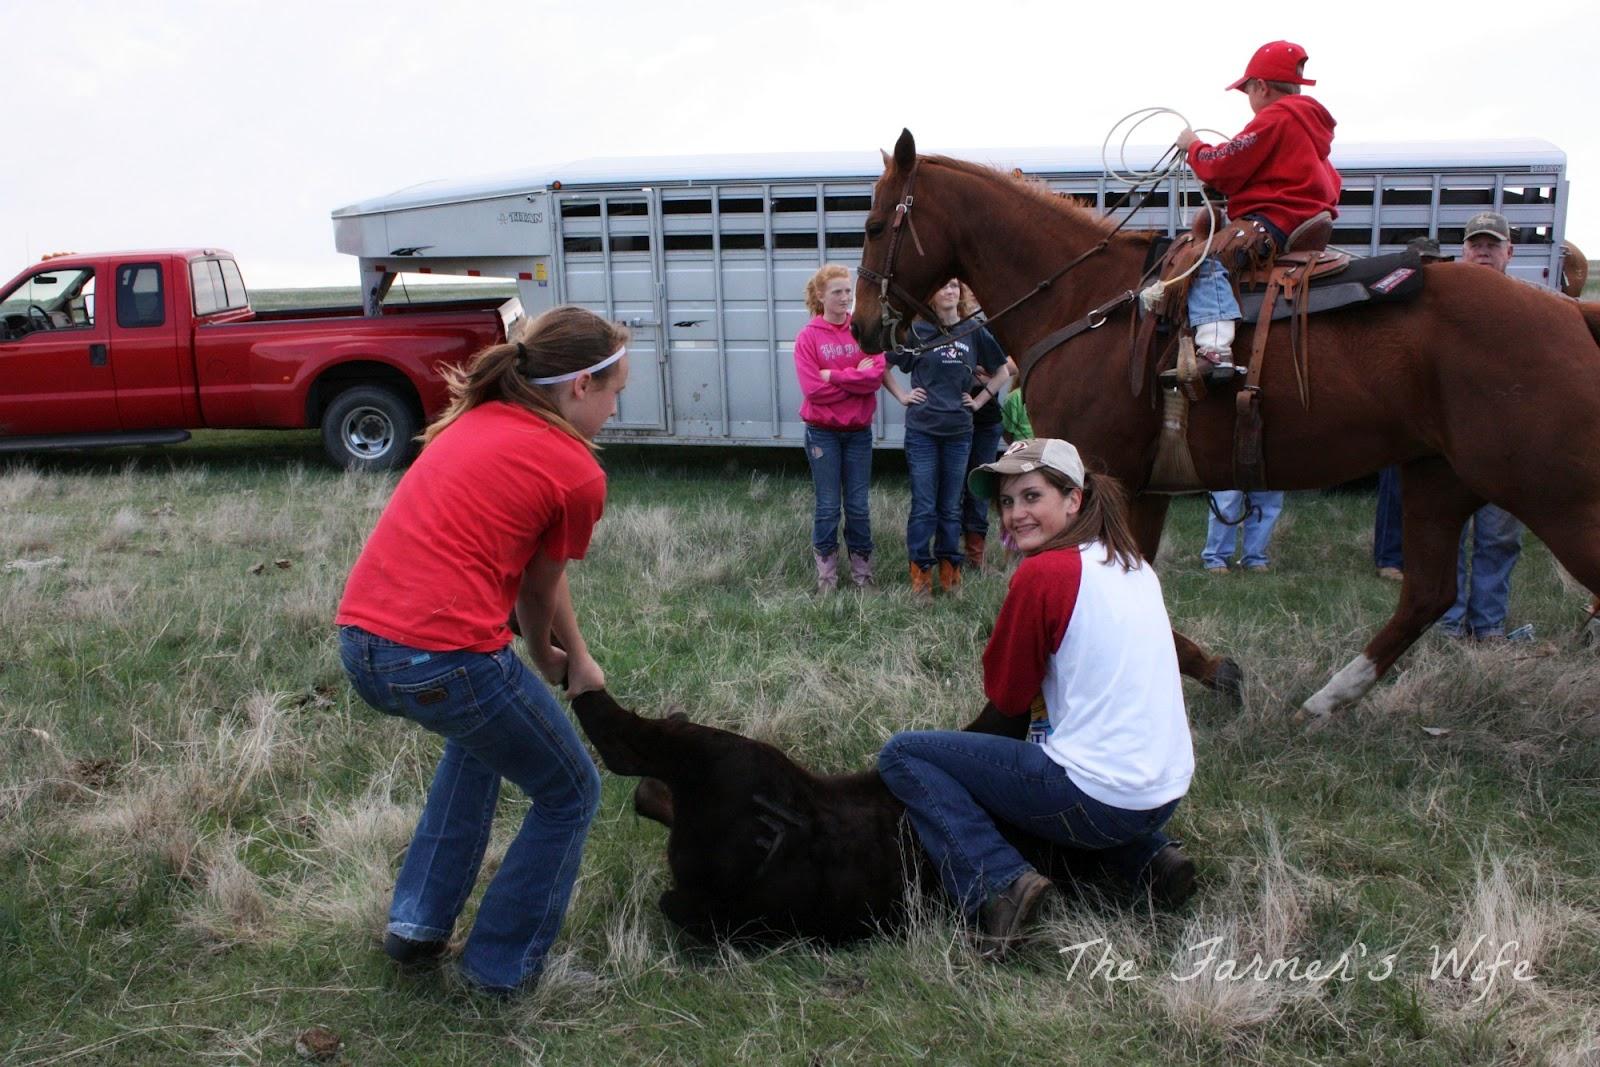 The Farmer's Wife: April 2012